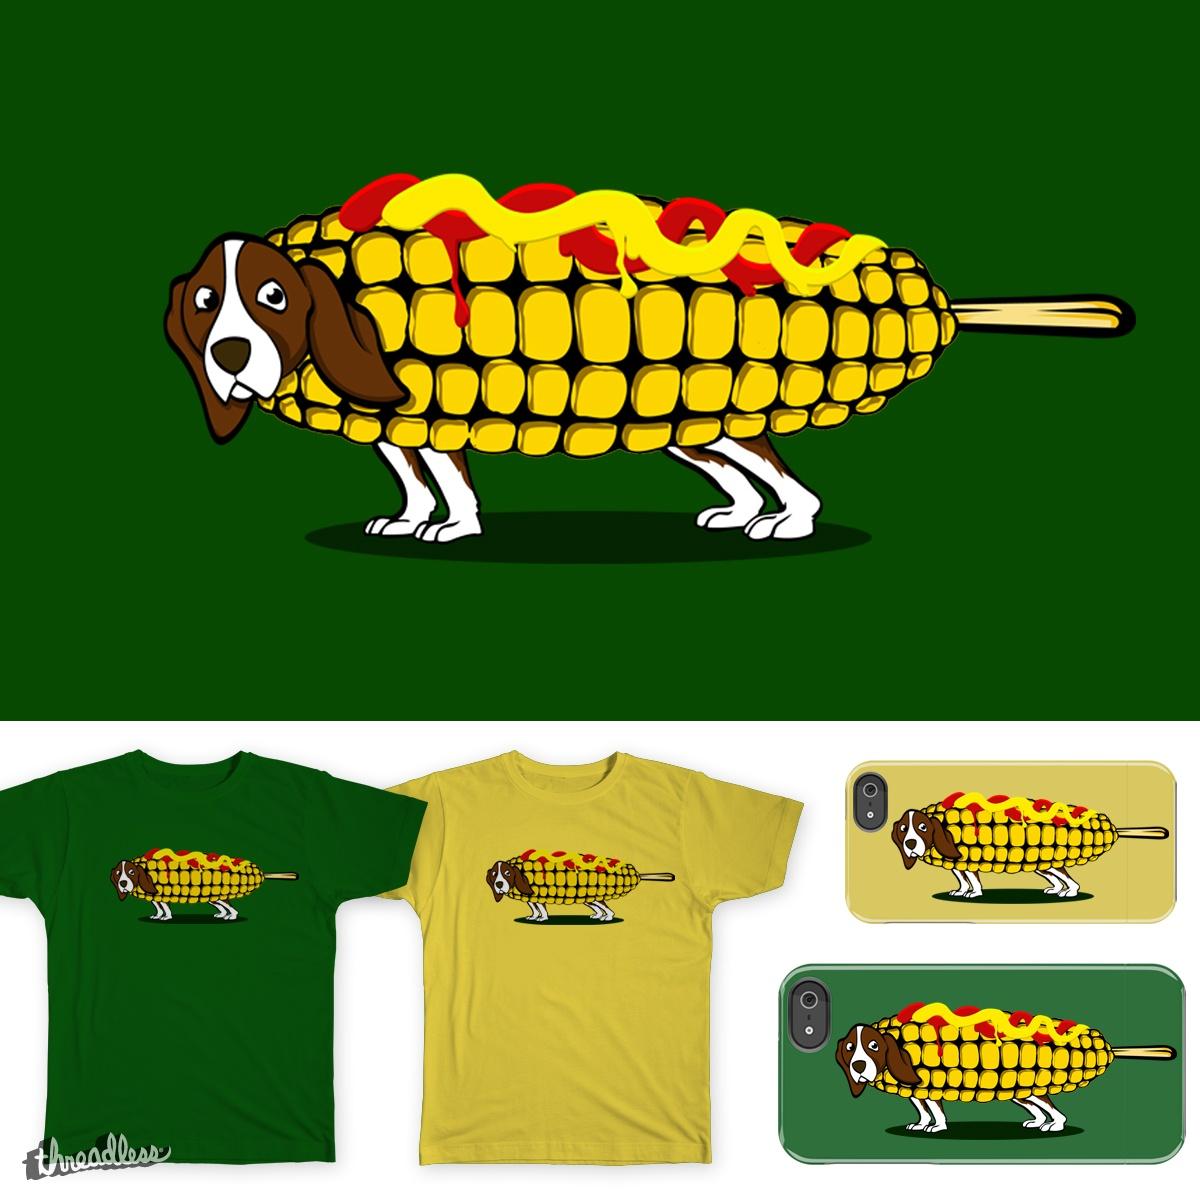 CornDog by DarnYou on Threadless